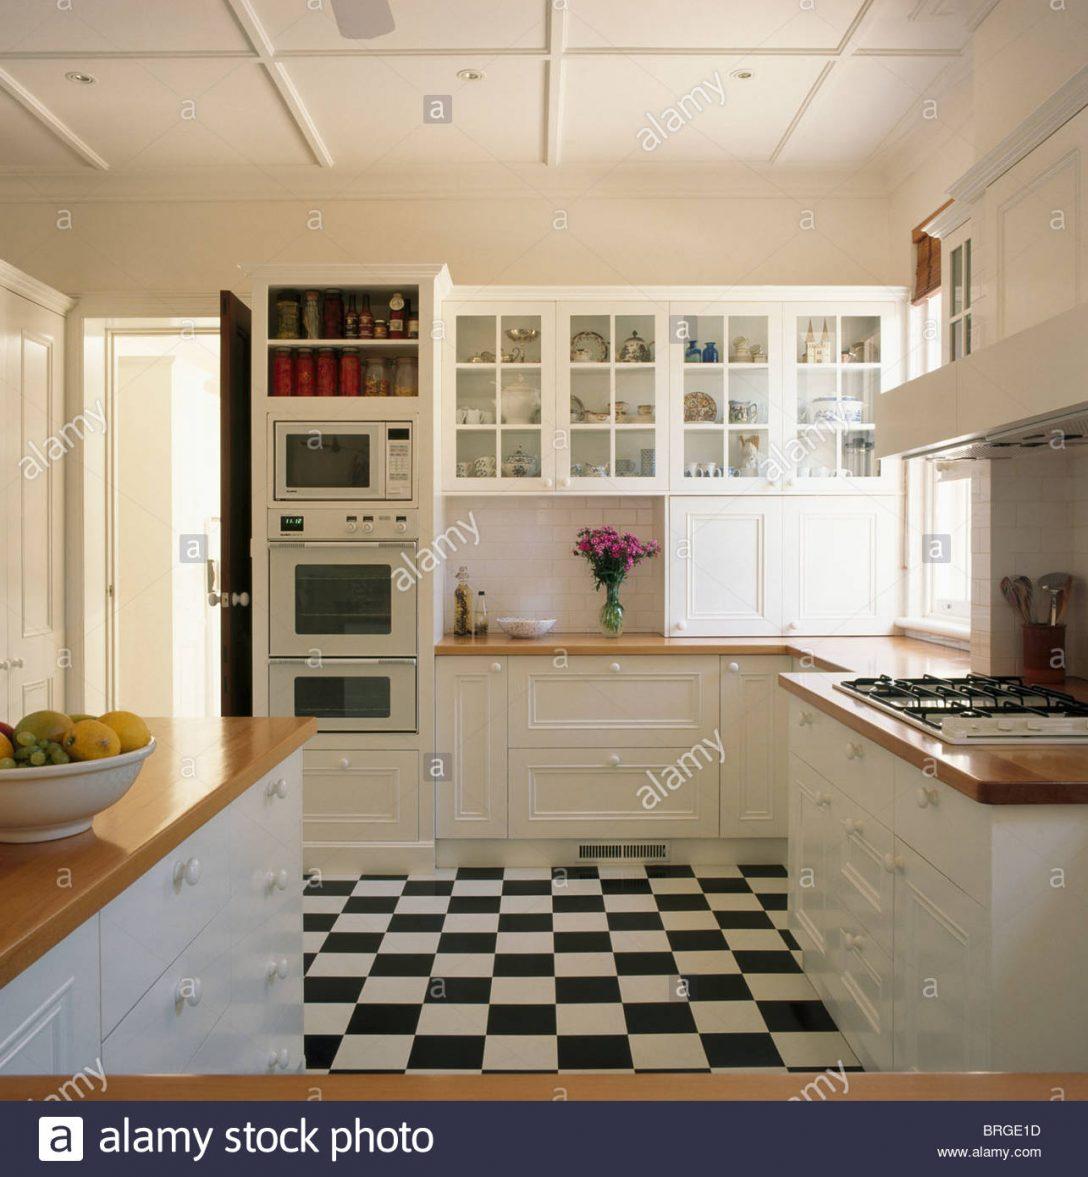 Large Size of Bodenbelag Für Küche Küchenboden Und Arbeitsplatte Küche Boden Schubladen Bodenbelag Küche Erfahrungen Küche Bodenbelag Küche